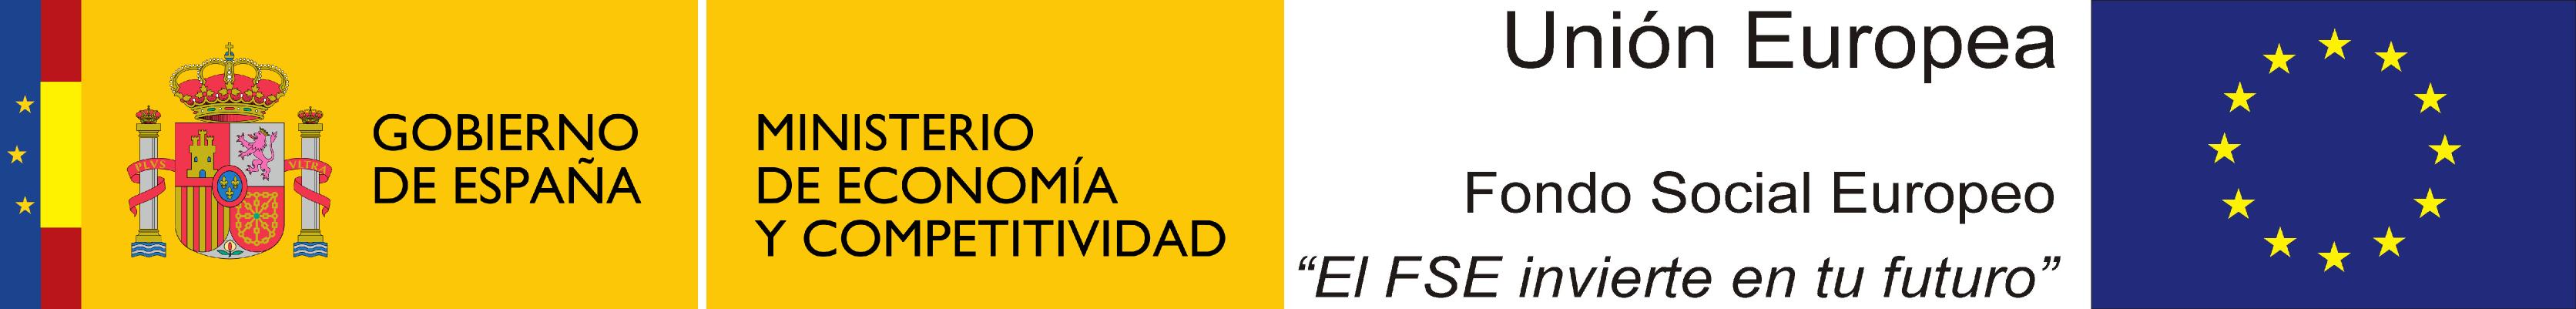 logo_meinn_fse_geiseq